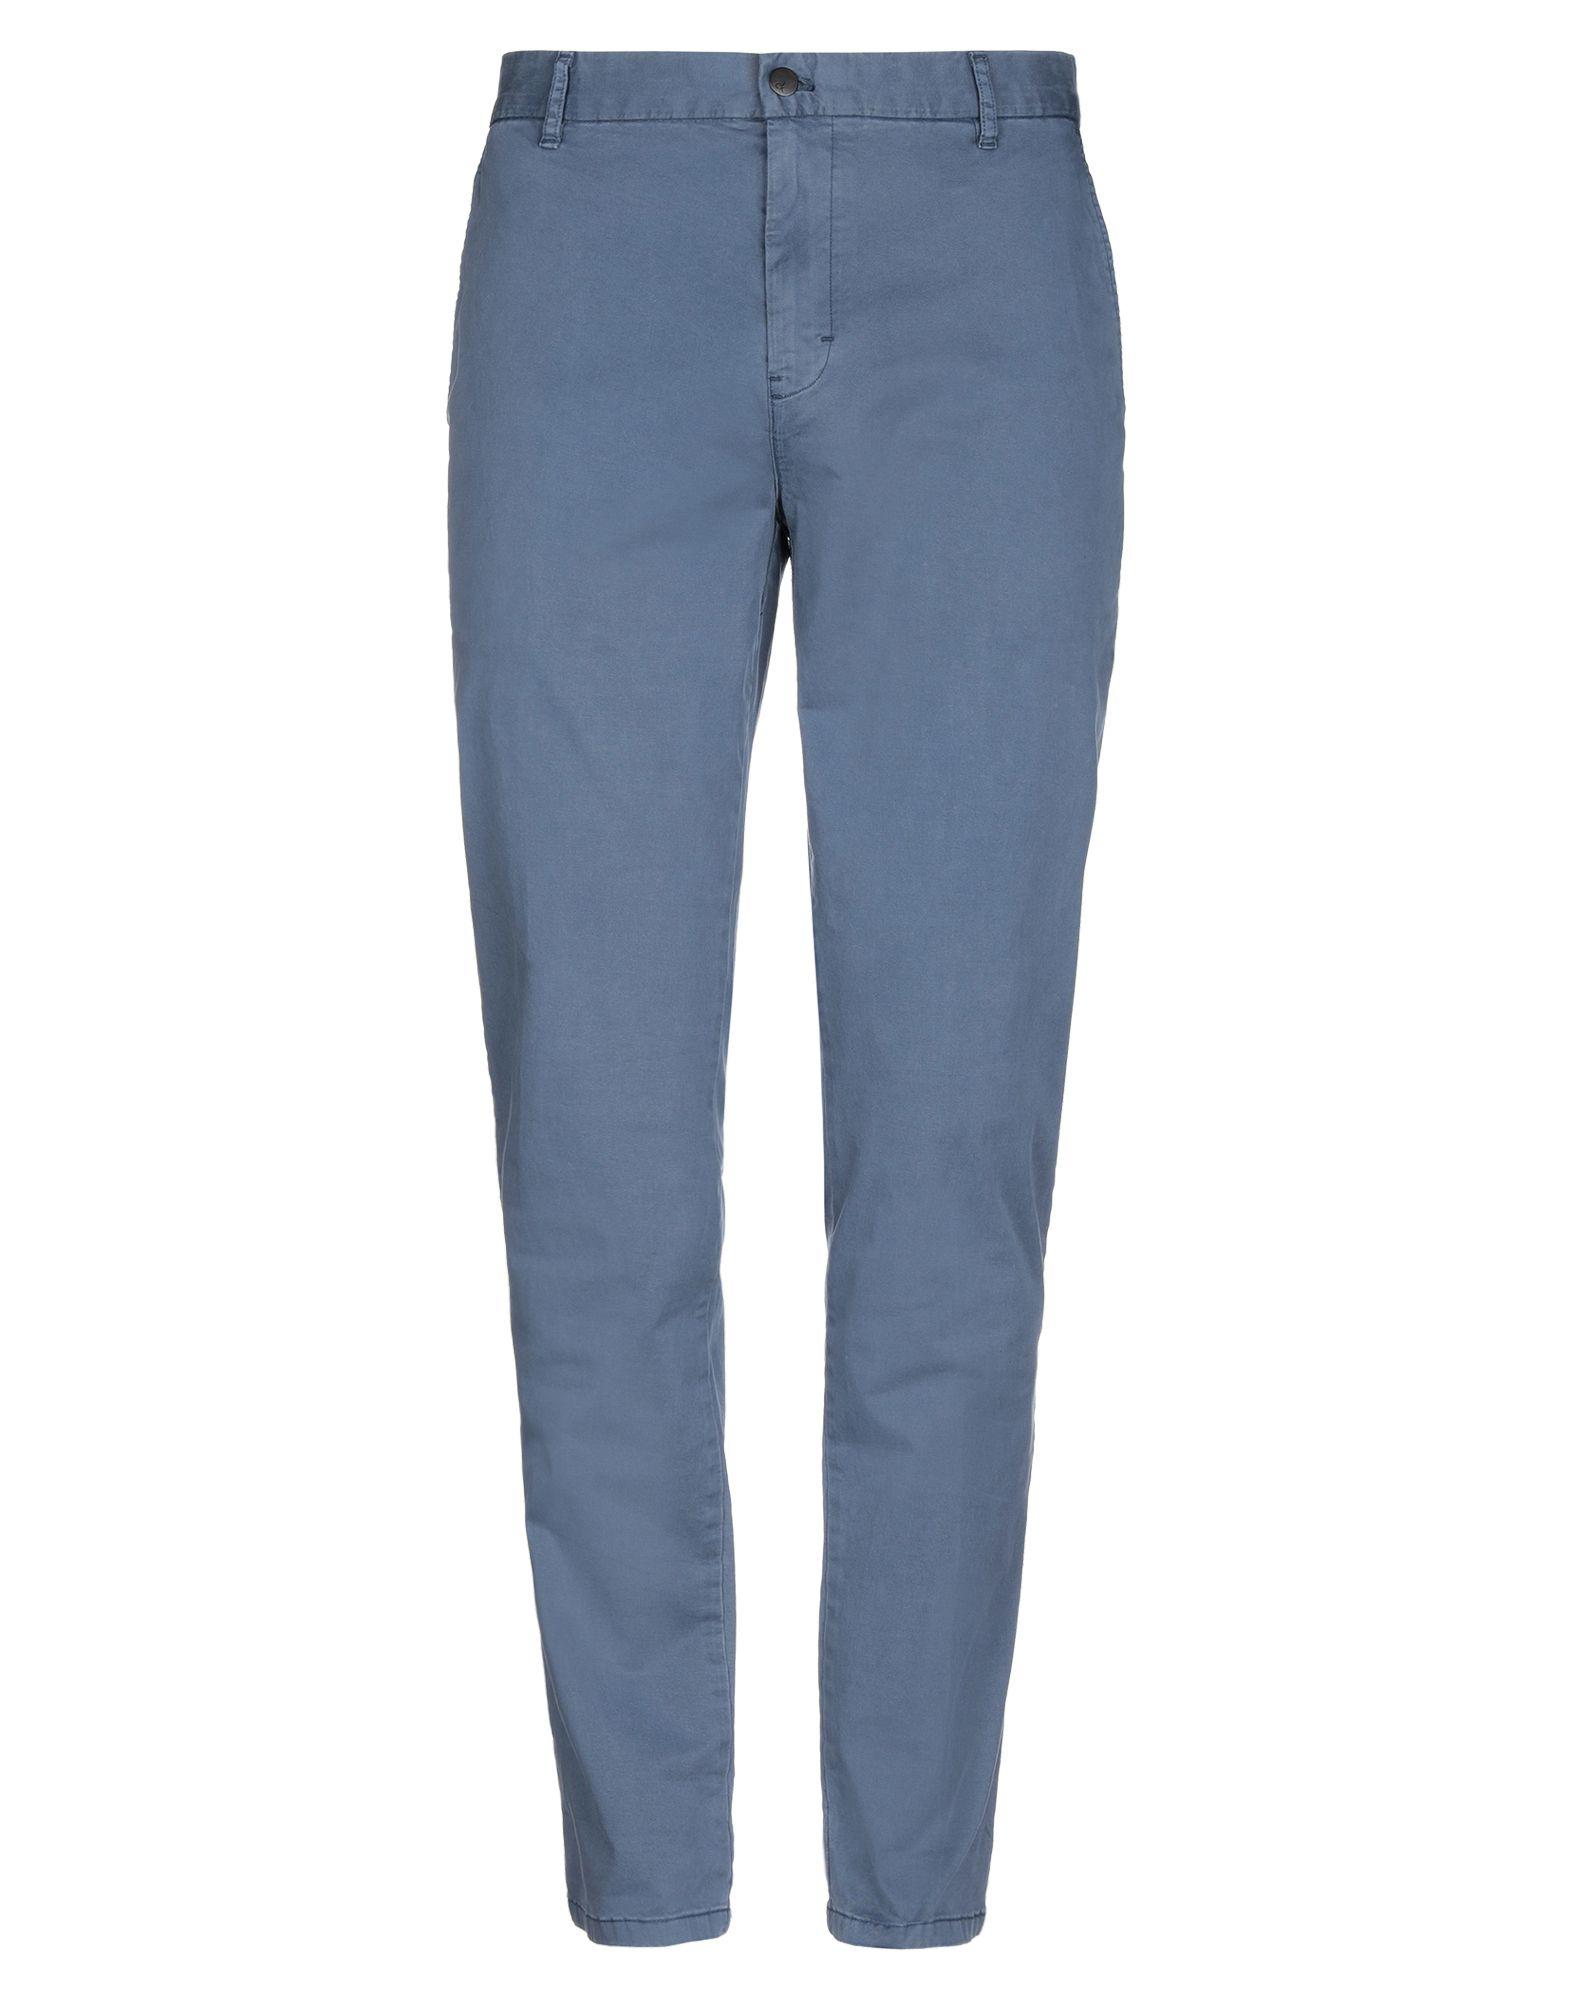 Фото - CALVIN KLEIN JEANS Повседневные брюки брюки спортивные calvin klein jeans calvin klein jeans ca939emdukn2